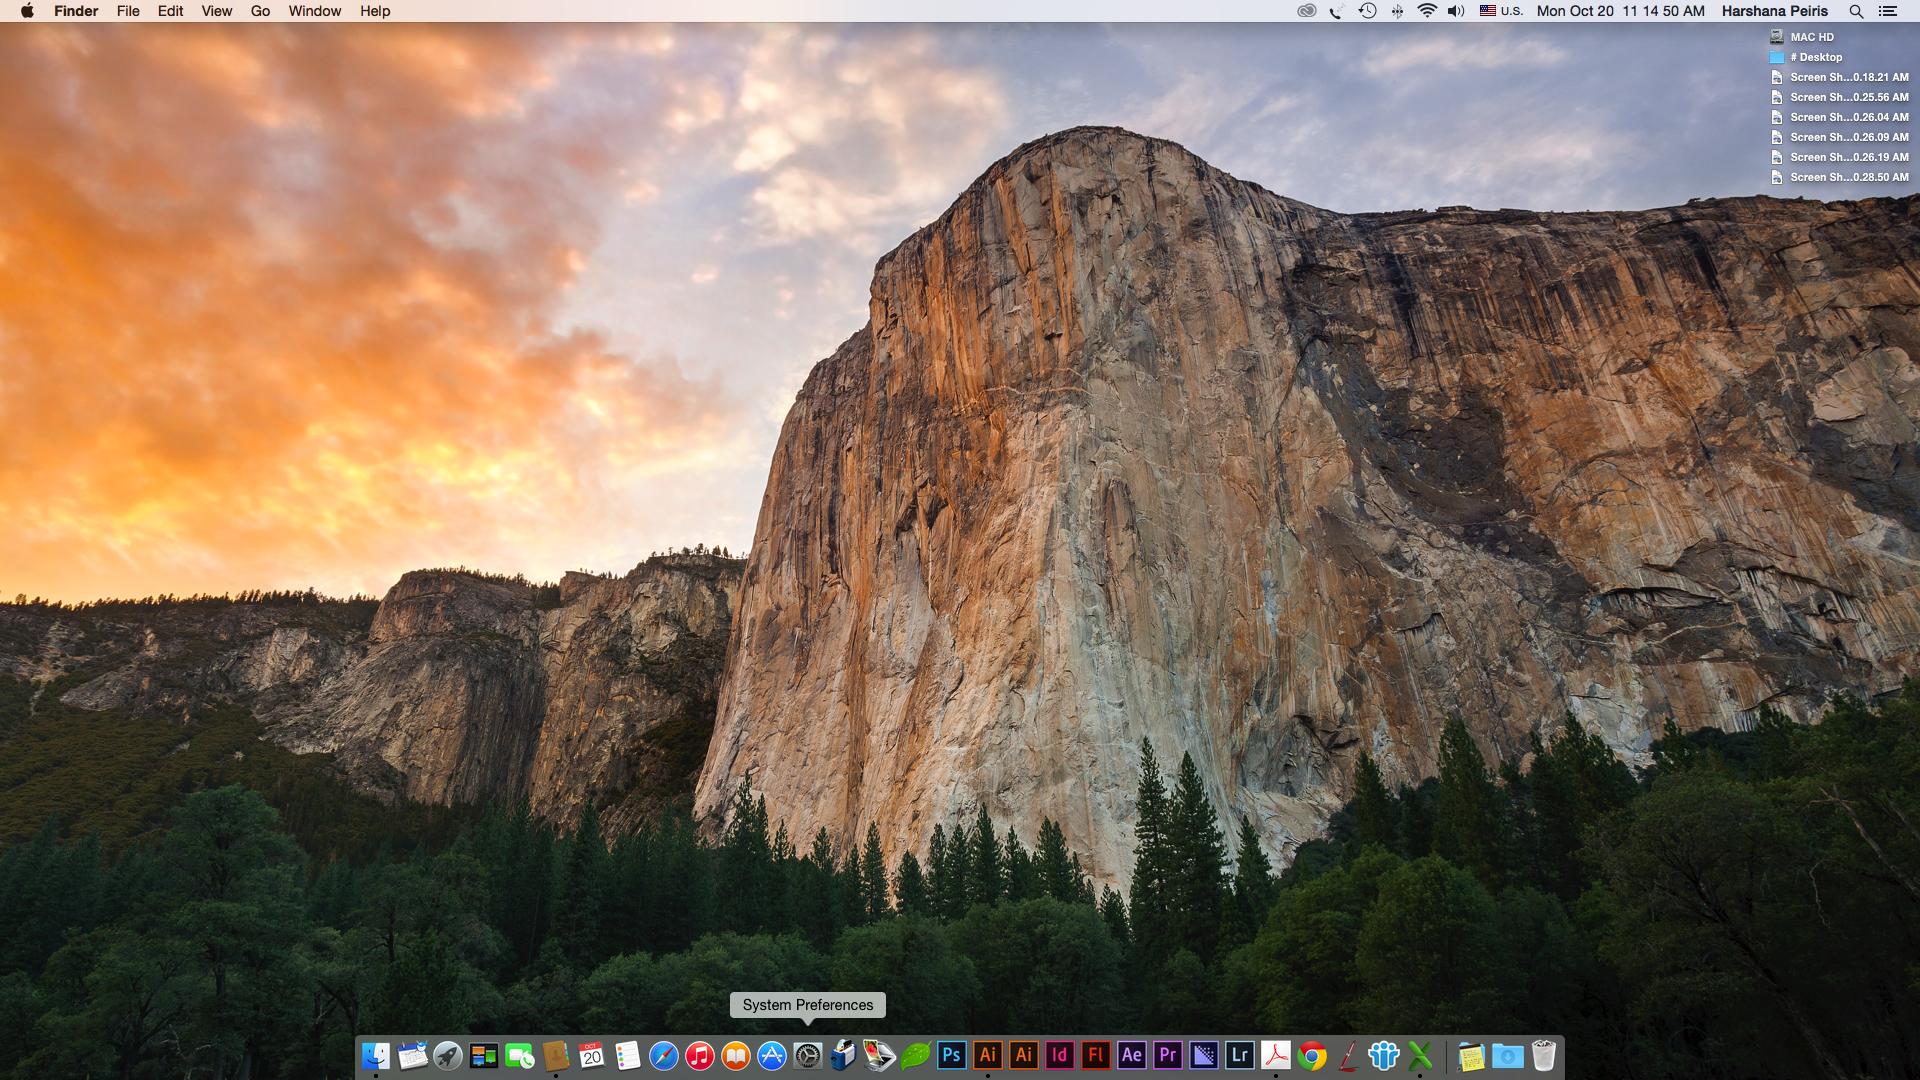 Osxyosemite Apple Osx Yosemite Screenshot Yosemite Wallpaper Yosemite Mountains Yosemite